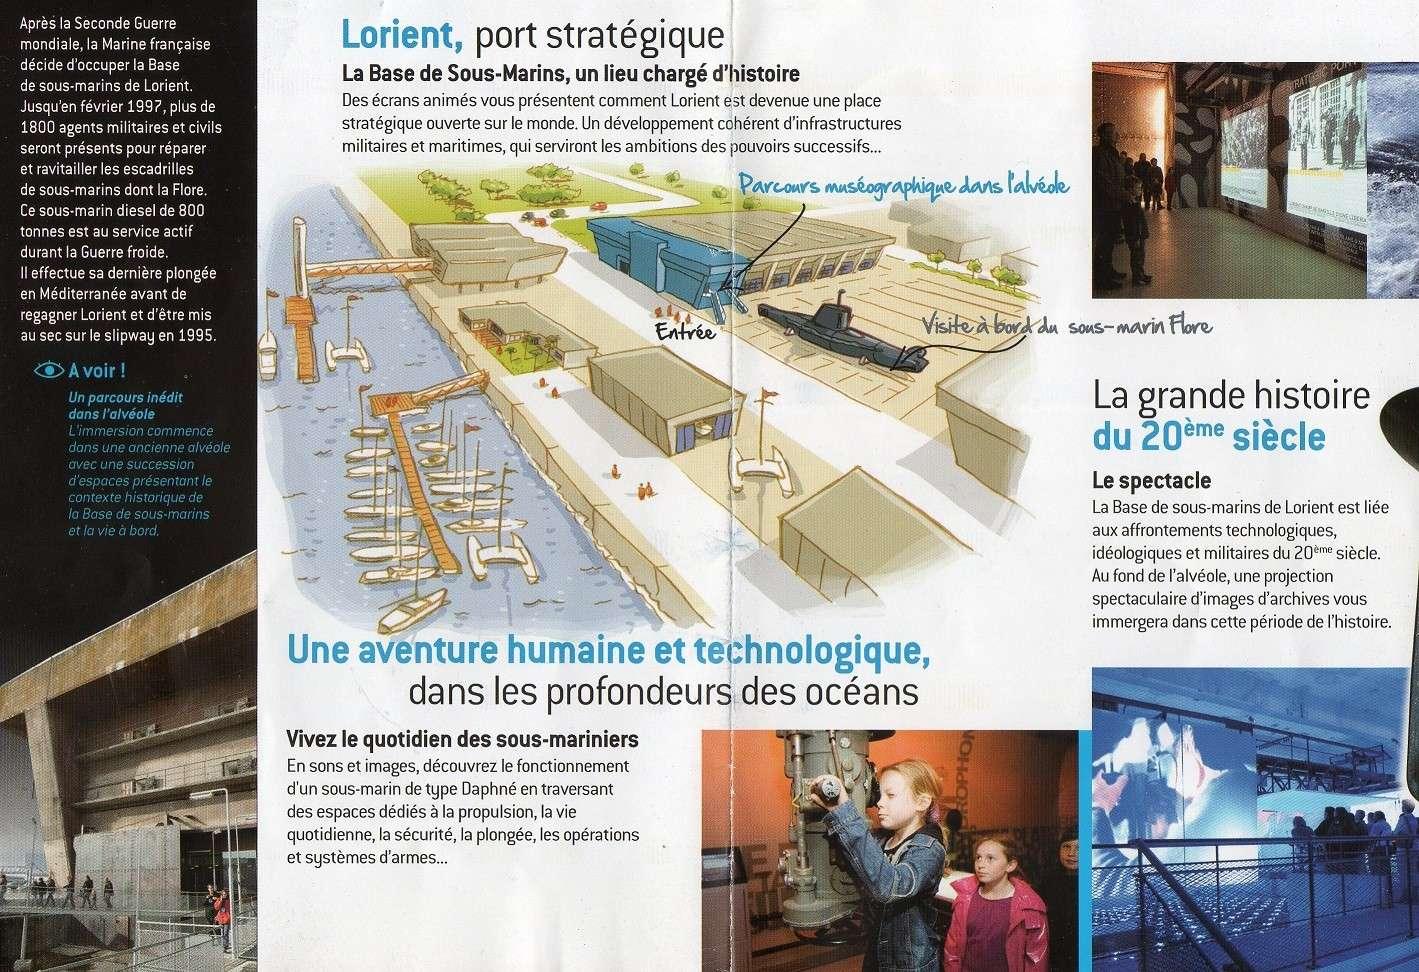 [Les Musées en rapport avec la Marine] Sous-Marin  Flore - Page 11 Img01210